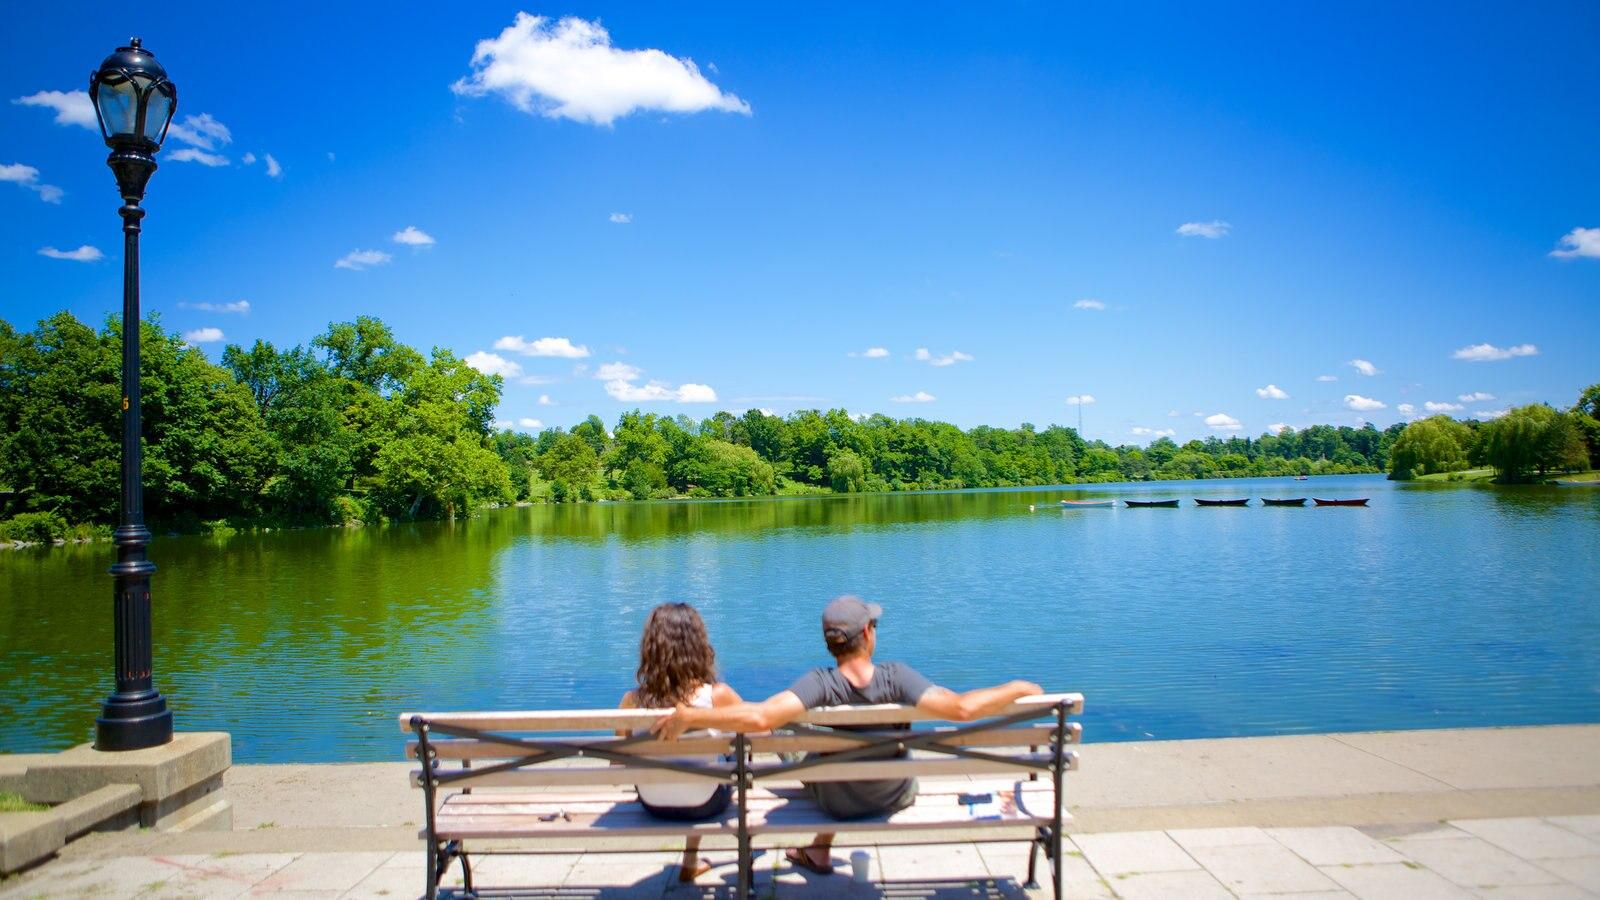 Delaware Park que inclui um rio ou córrego assim como um casal